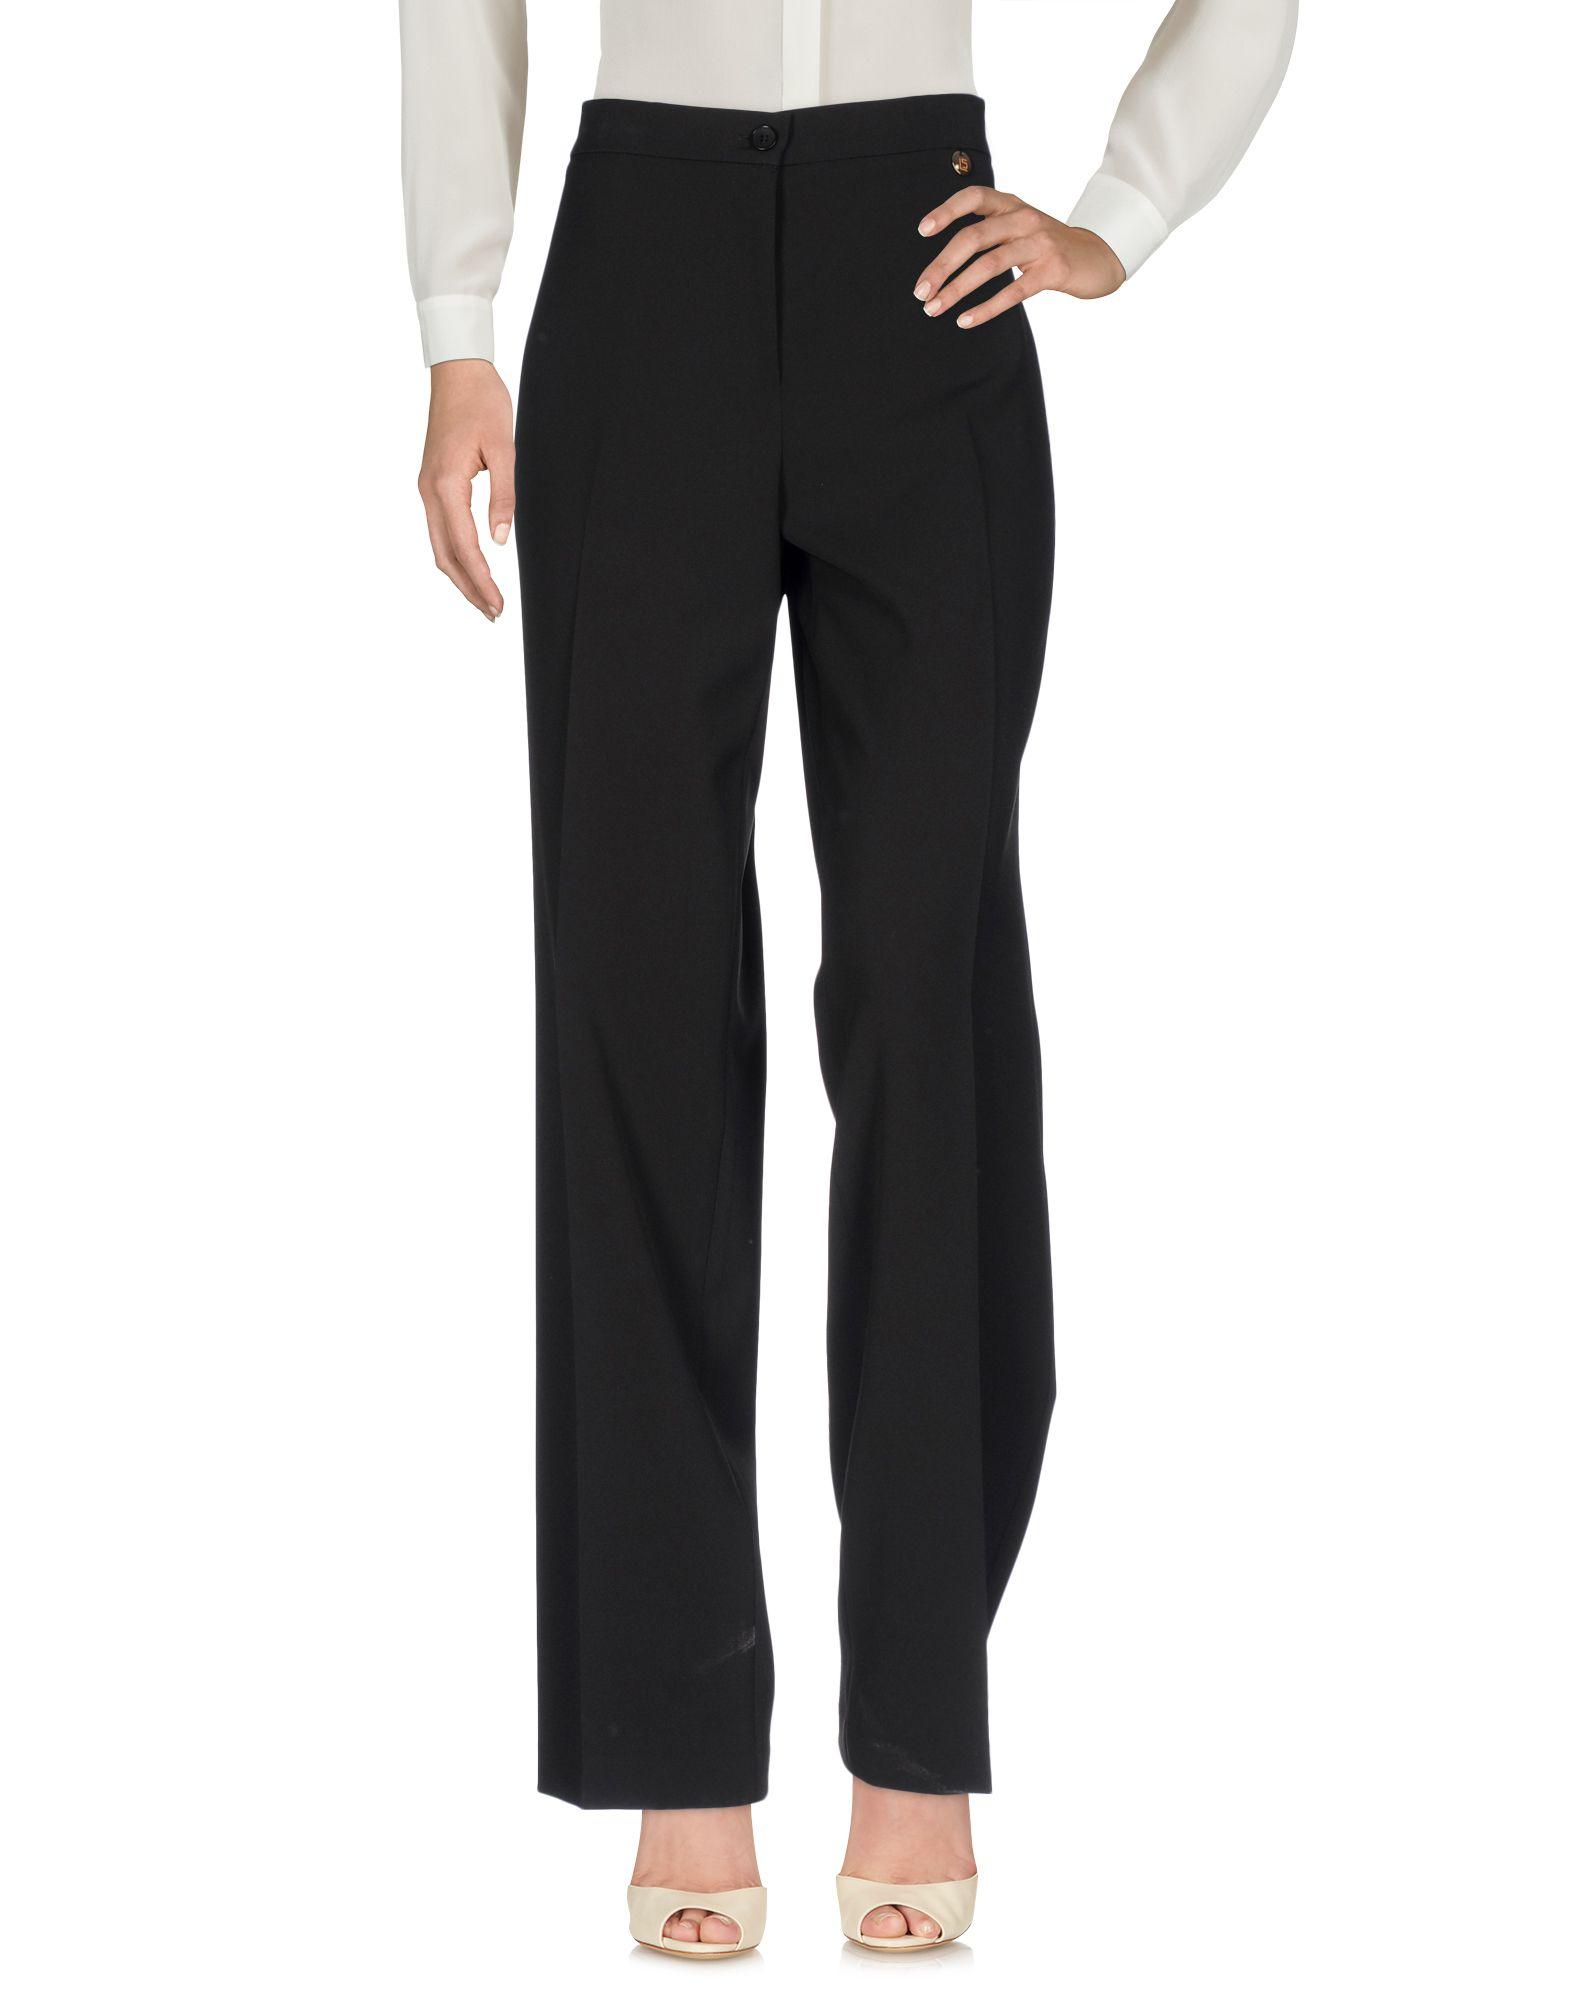 цены на LINEA CINQUE Повседневные брюки в интернет-магазинах